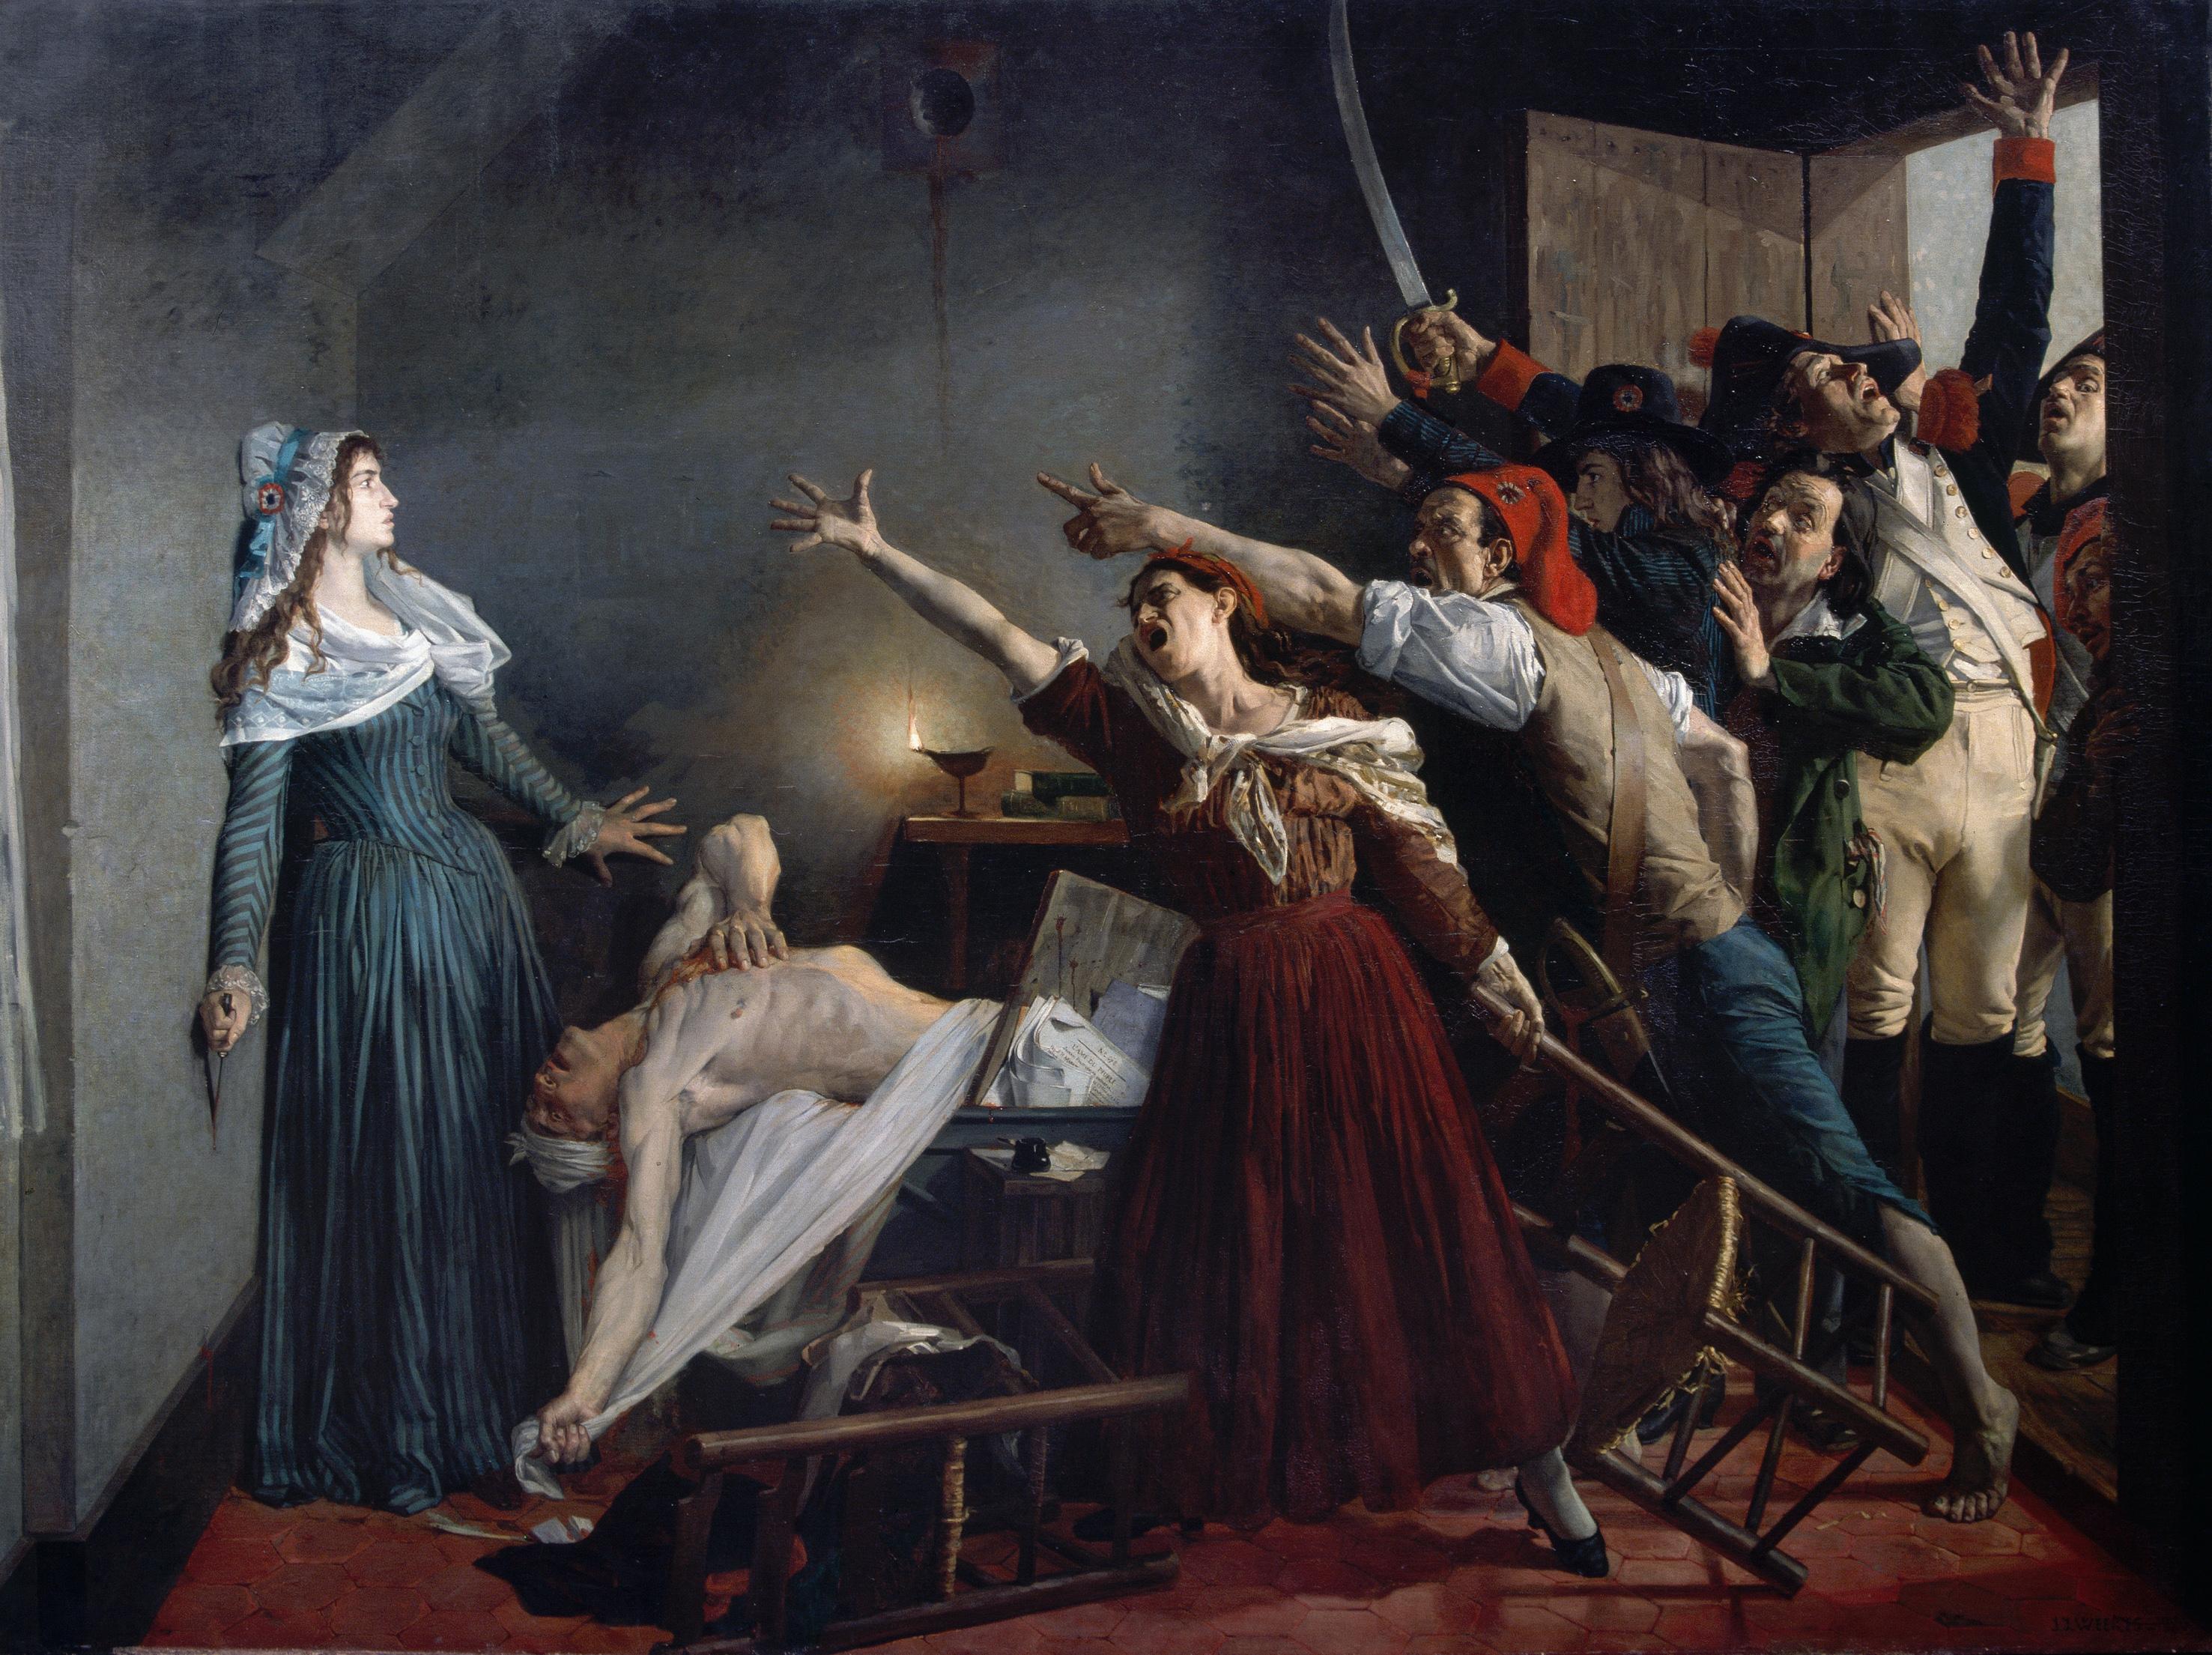 L'Assassinat de Marat de Jean-Joseph Weerts (vers 1880).